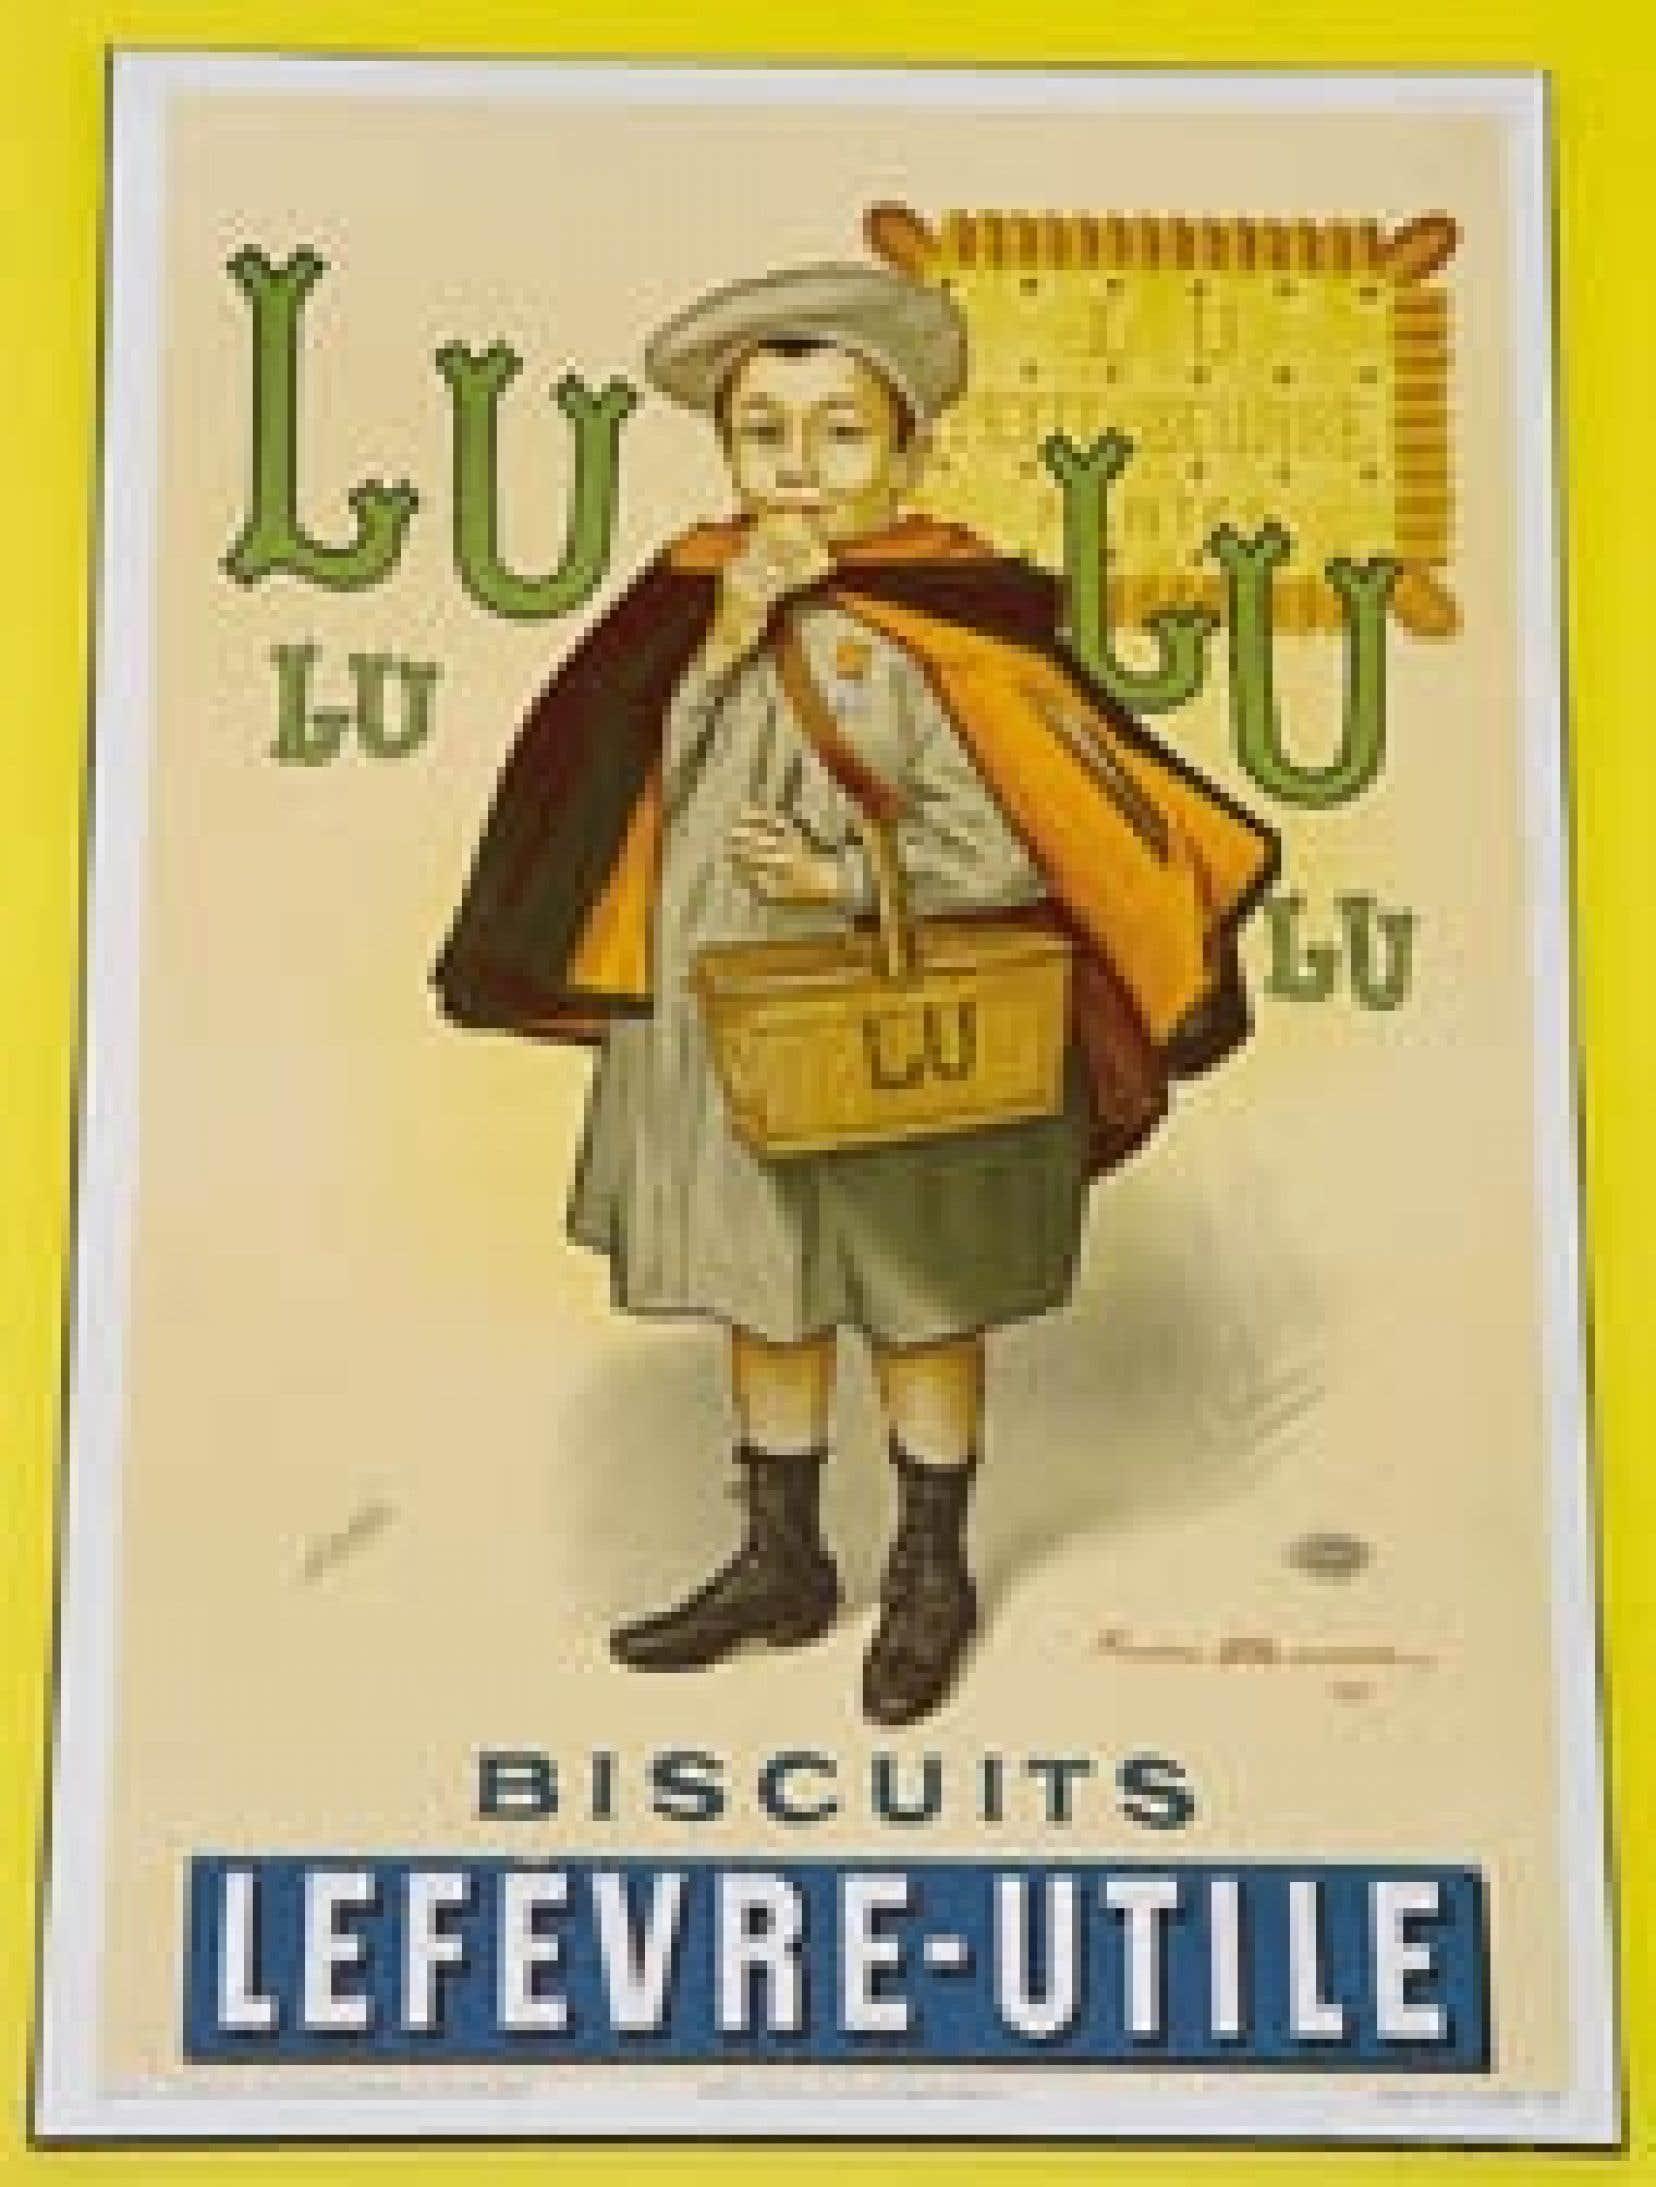 Lu, avec son petit écolier qui remonte à 1886, est lui aussi toujours bien présent et apparaît encore comme la récompense du retour à l'école.